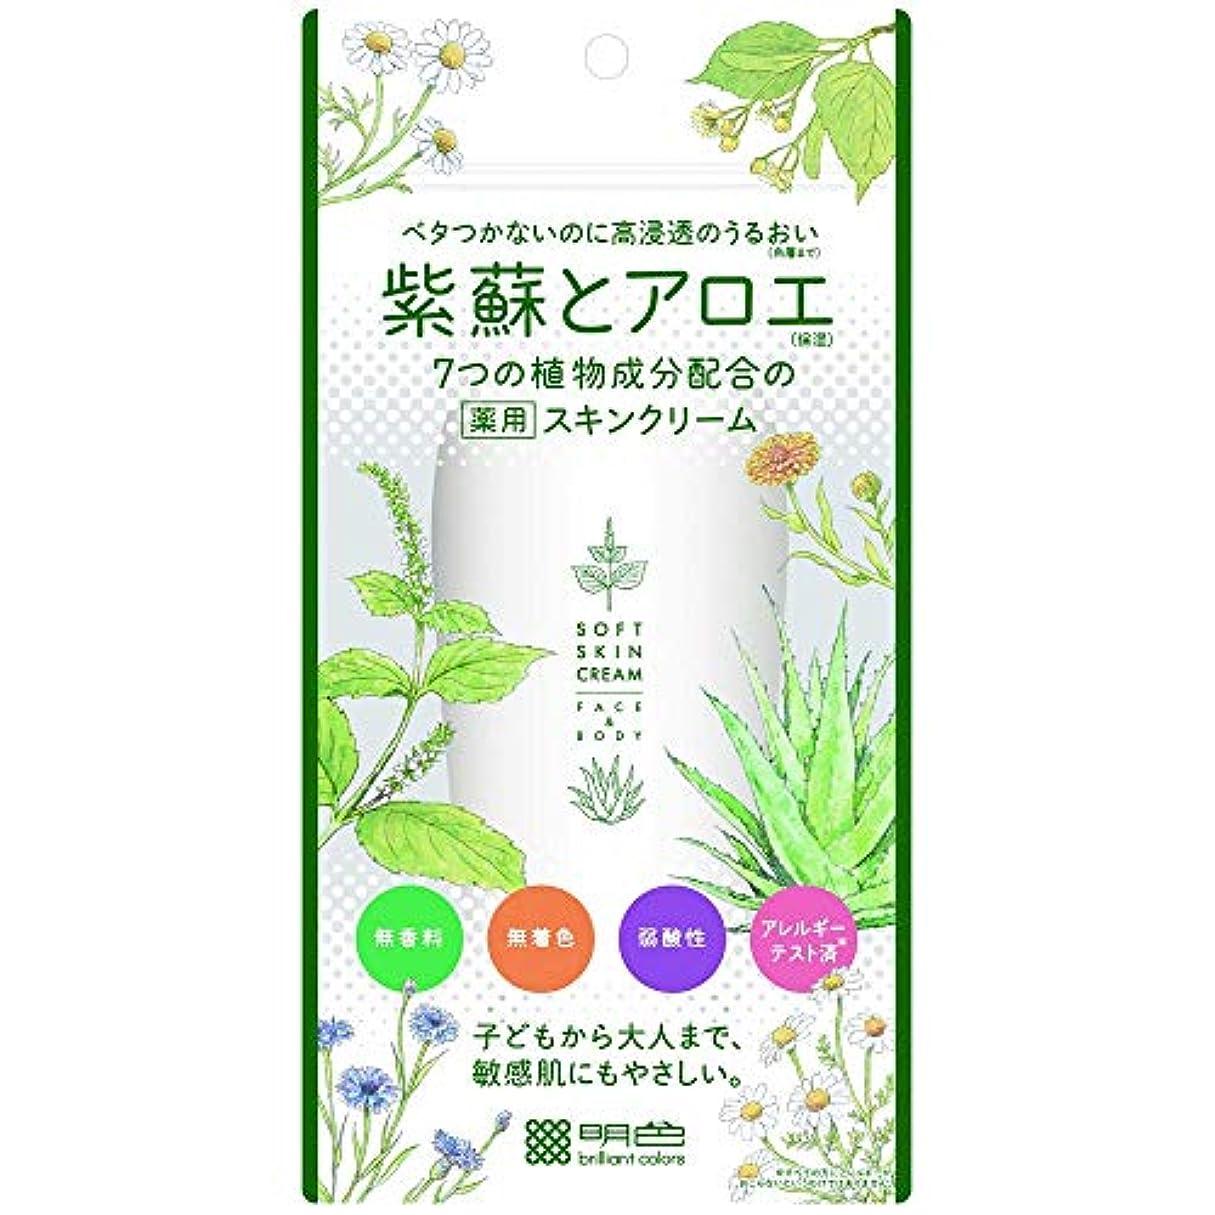 真夜中壁兄【9個セット】紫蘇とアロエ 薬用スキンクリーム 190g